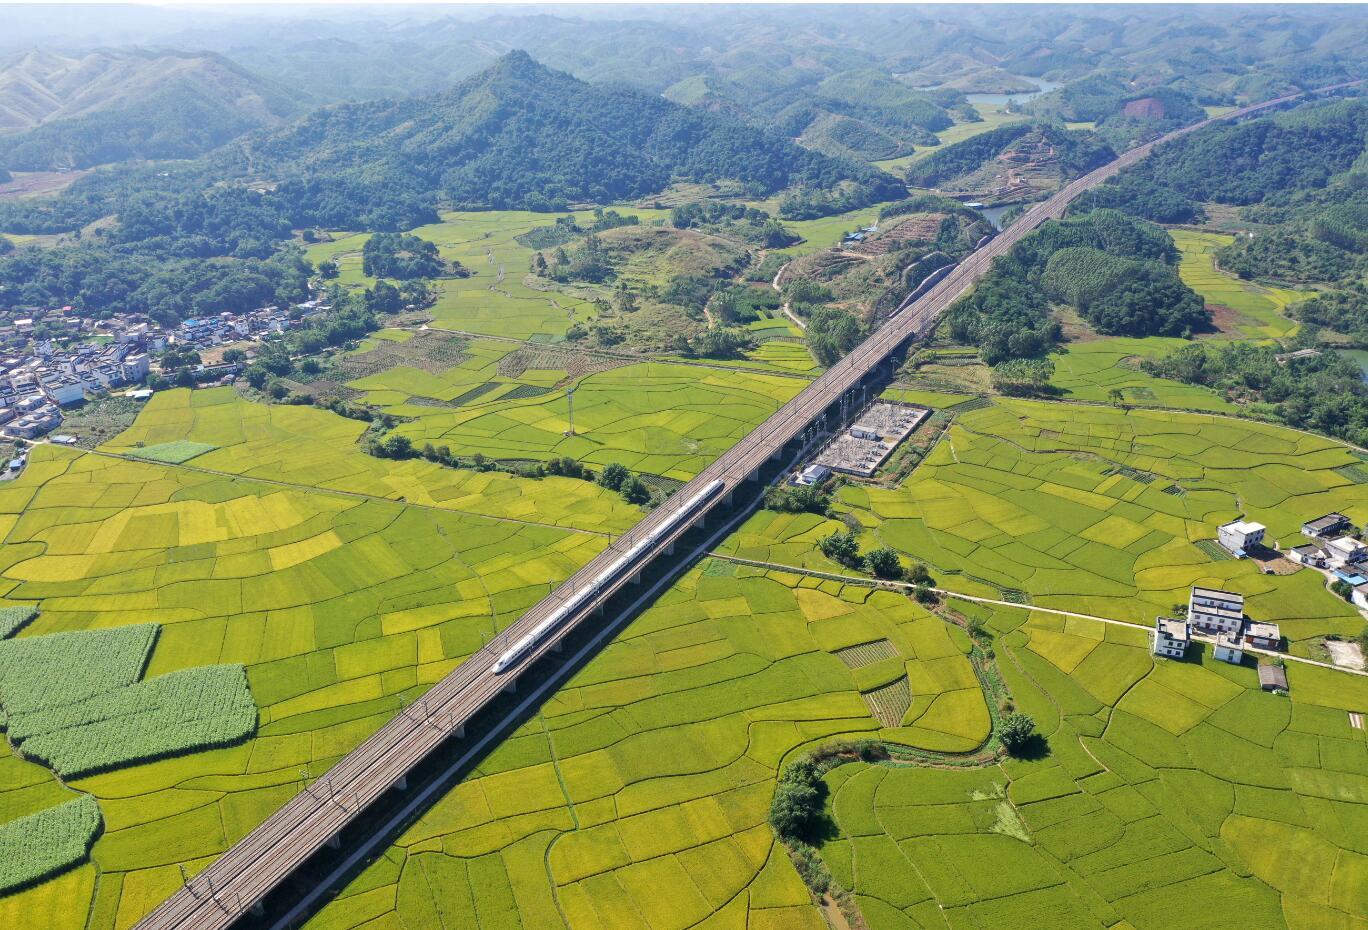 廣西賓陽:開往豐收的列車(圖)